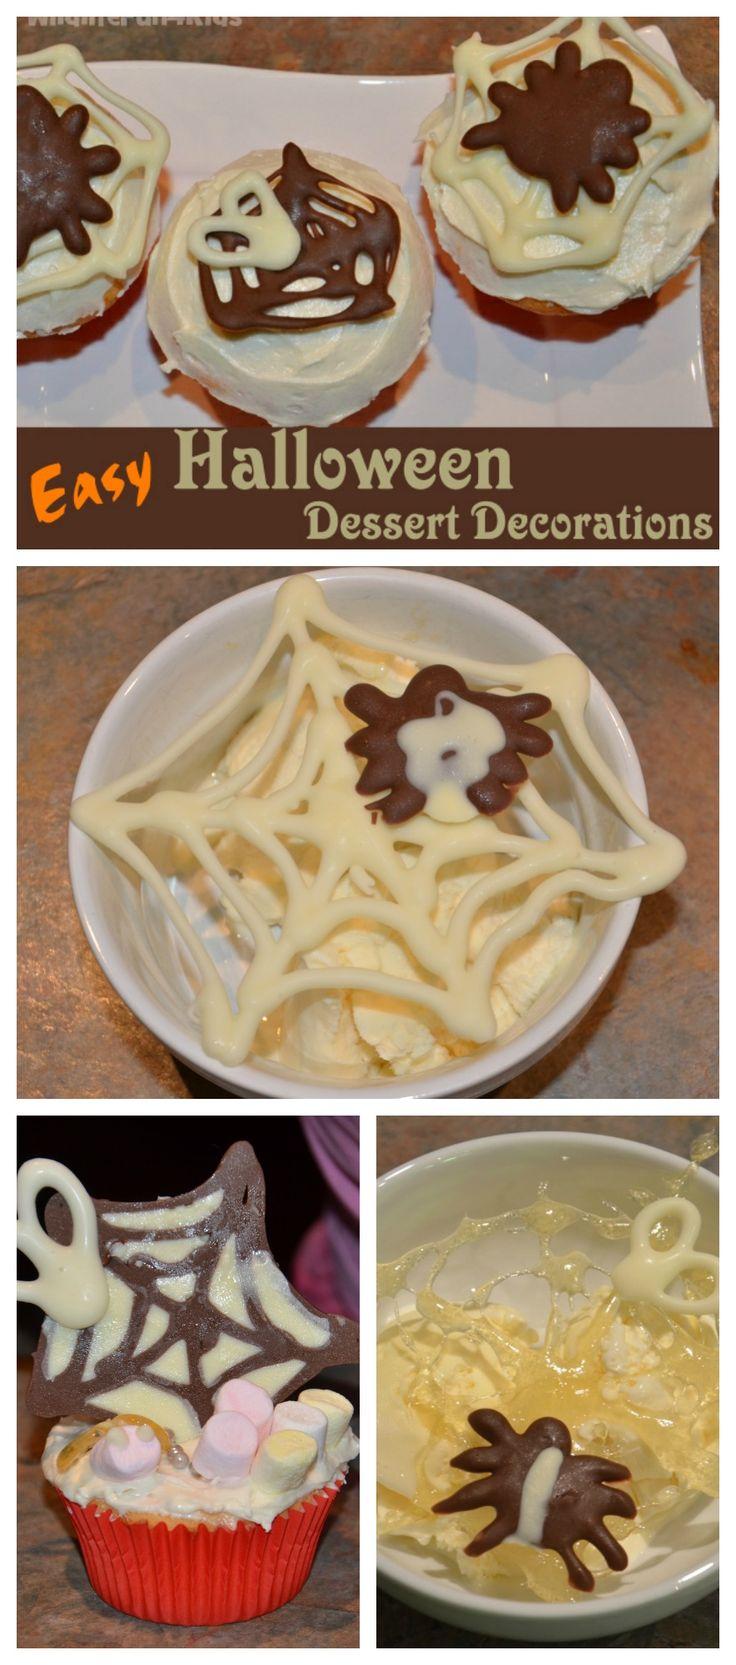 126 best halloween images on pinterest halloween birthday halloween foods and halloween recipe - Halloween Buffet Food Ideas